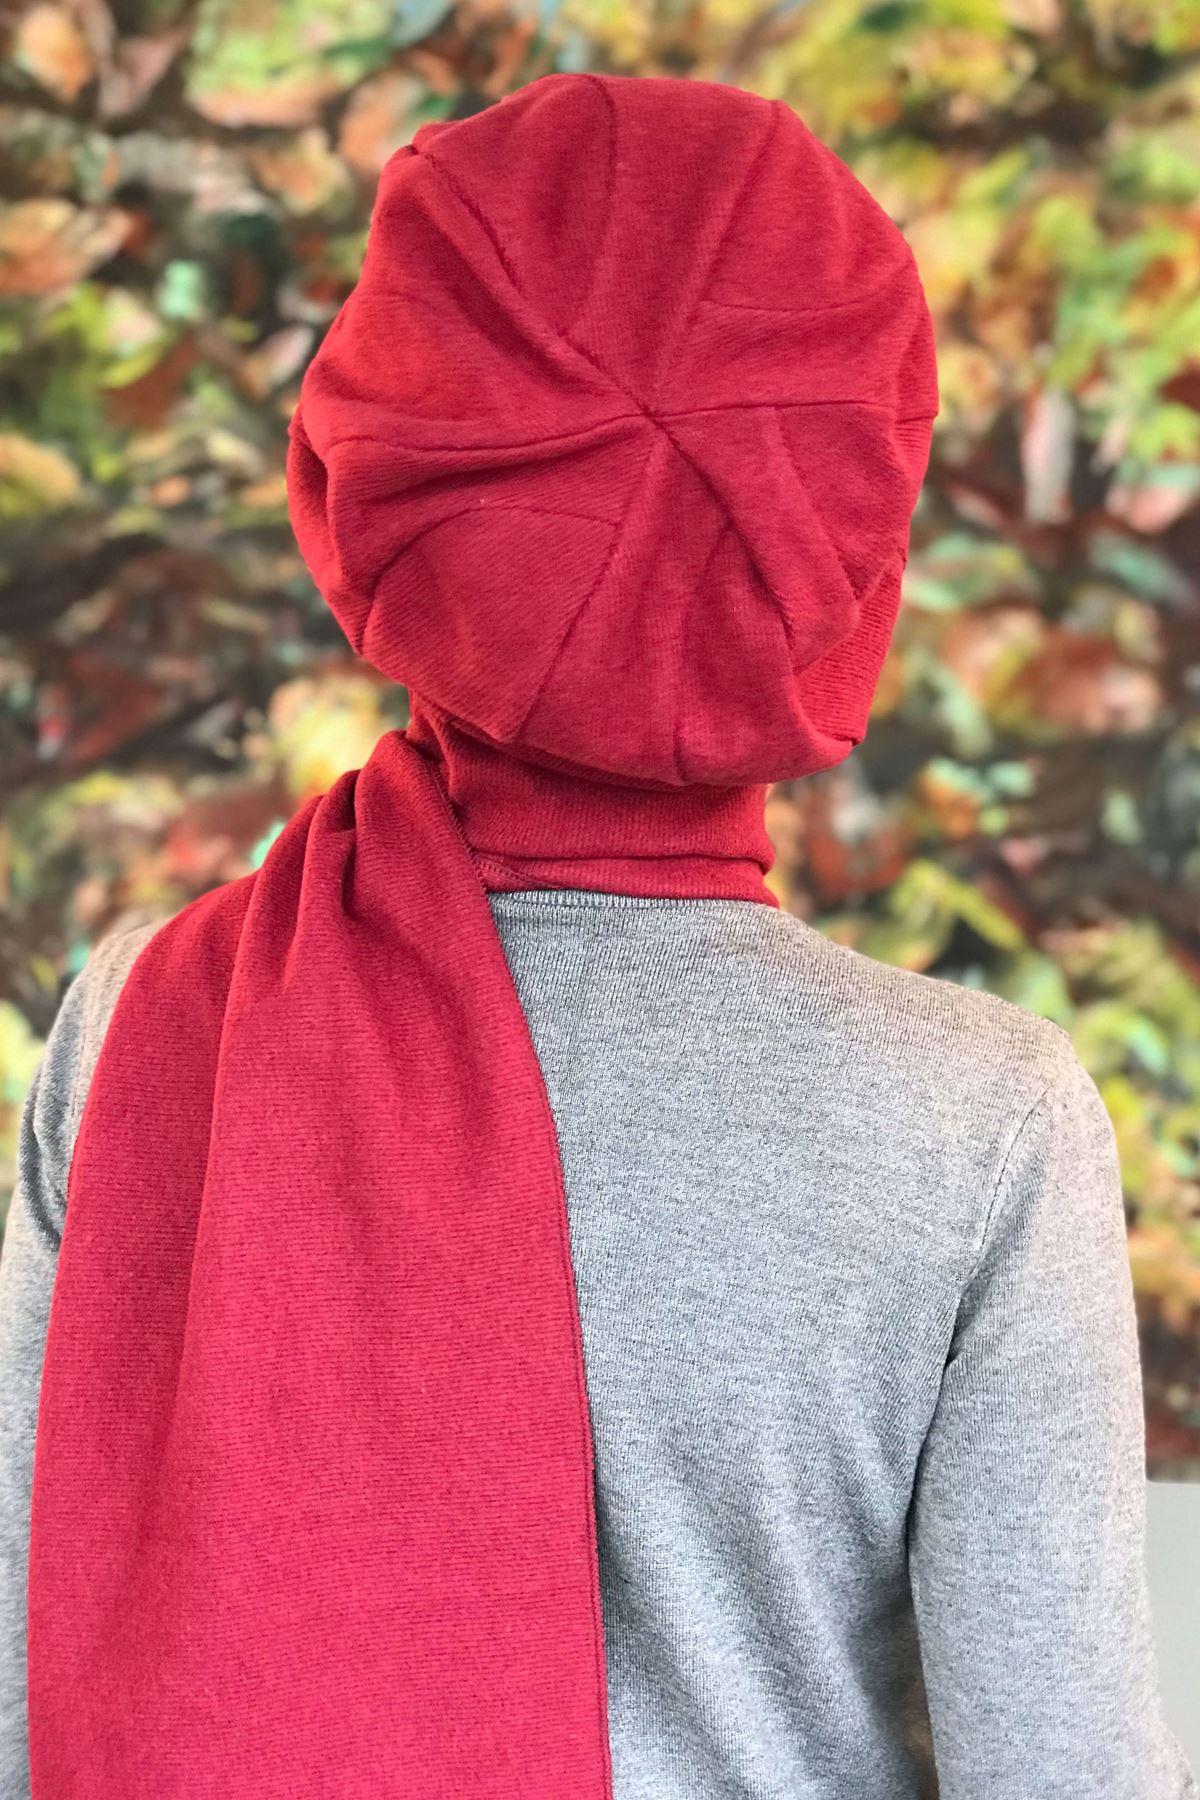 Bordo Tokalı Kendinden Atkılı Şapka Şal Asil Model